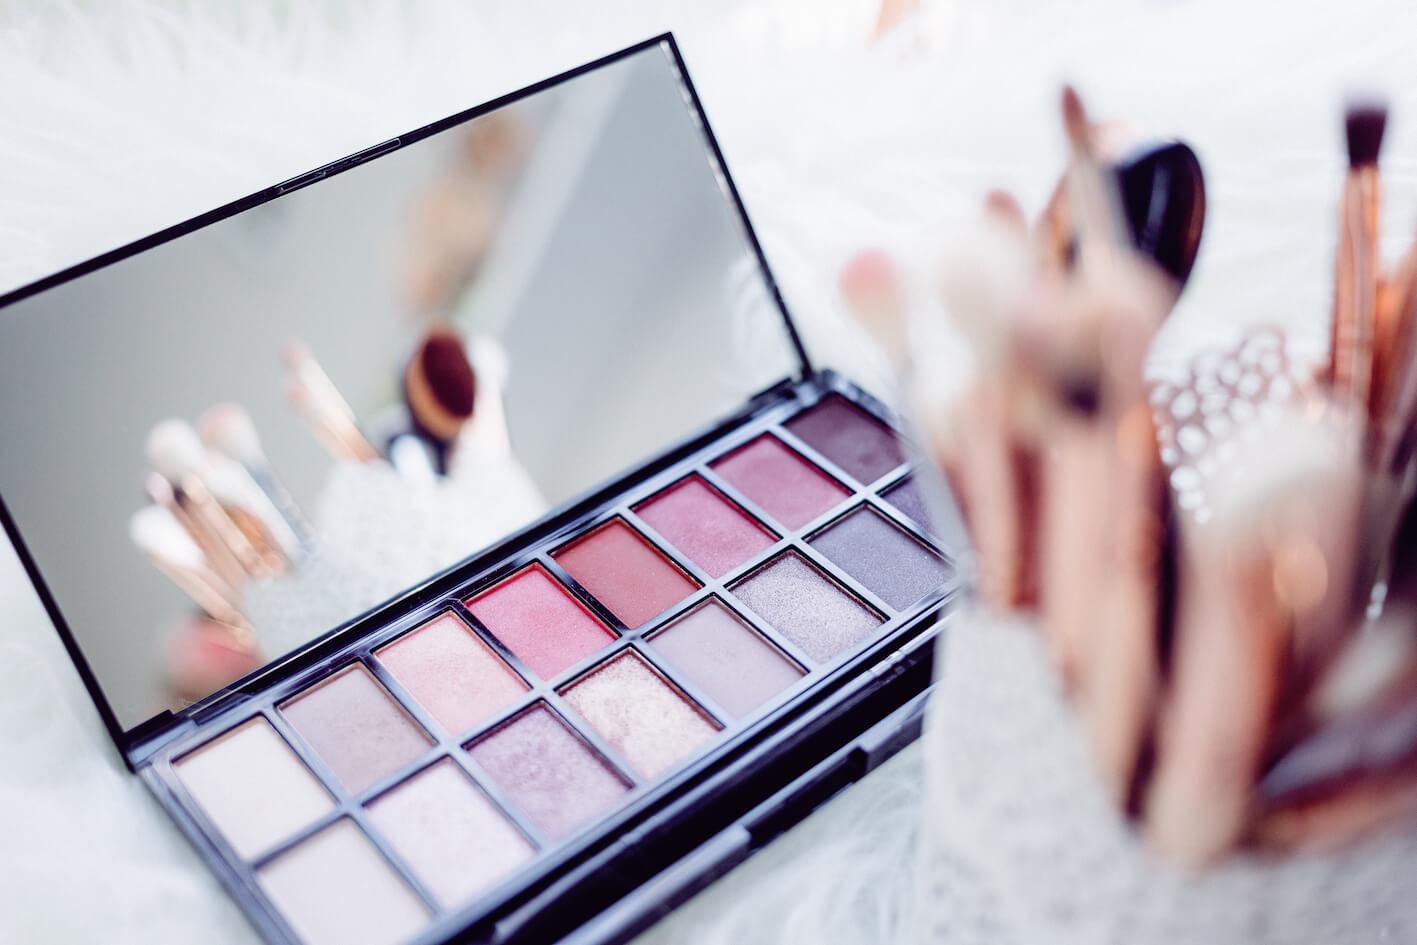 Dr-Hauschka-makeup-abloomnova.net_ How to use Dr Hauschka makeup